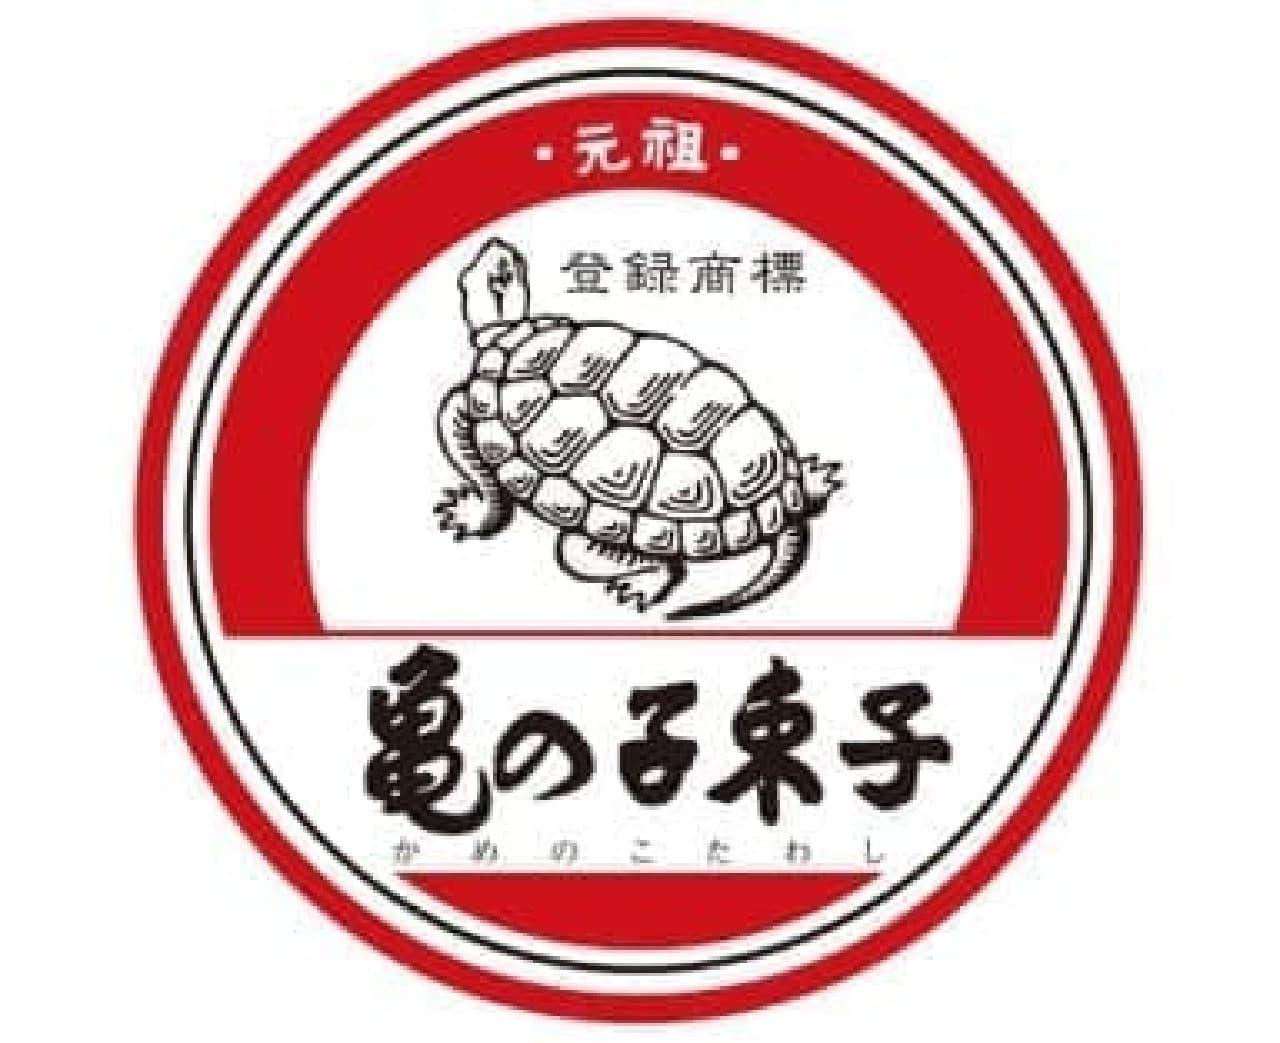 亀の子束子西尾商店のロゴ